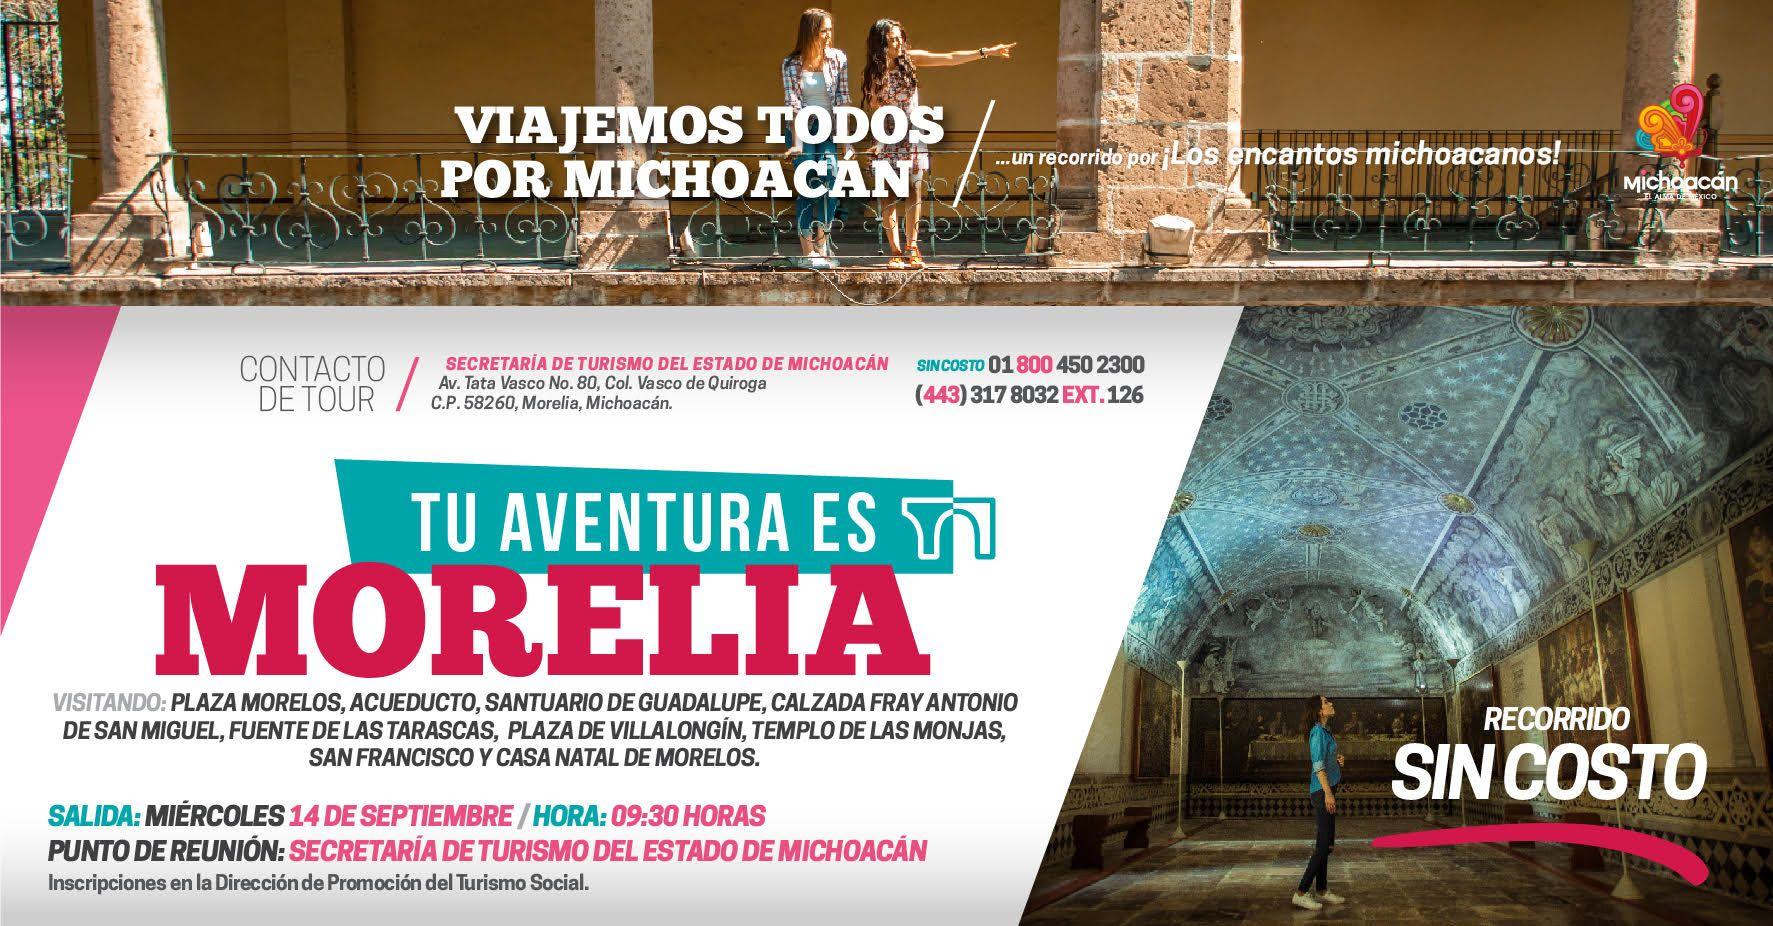 """Turismo Michoacán on Twitter: """"Este 14 de septiembre no te pierdas el recorrido por la capital michoacana. ¡Viajemos todos por Michoacán! 😍🏄🏽🎭 https://t.co/OFC9Rc9wn9"""""""